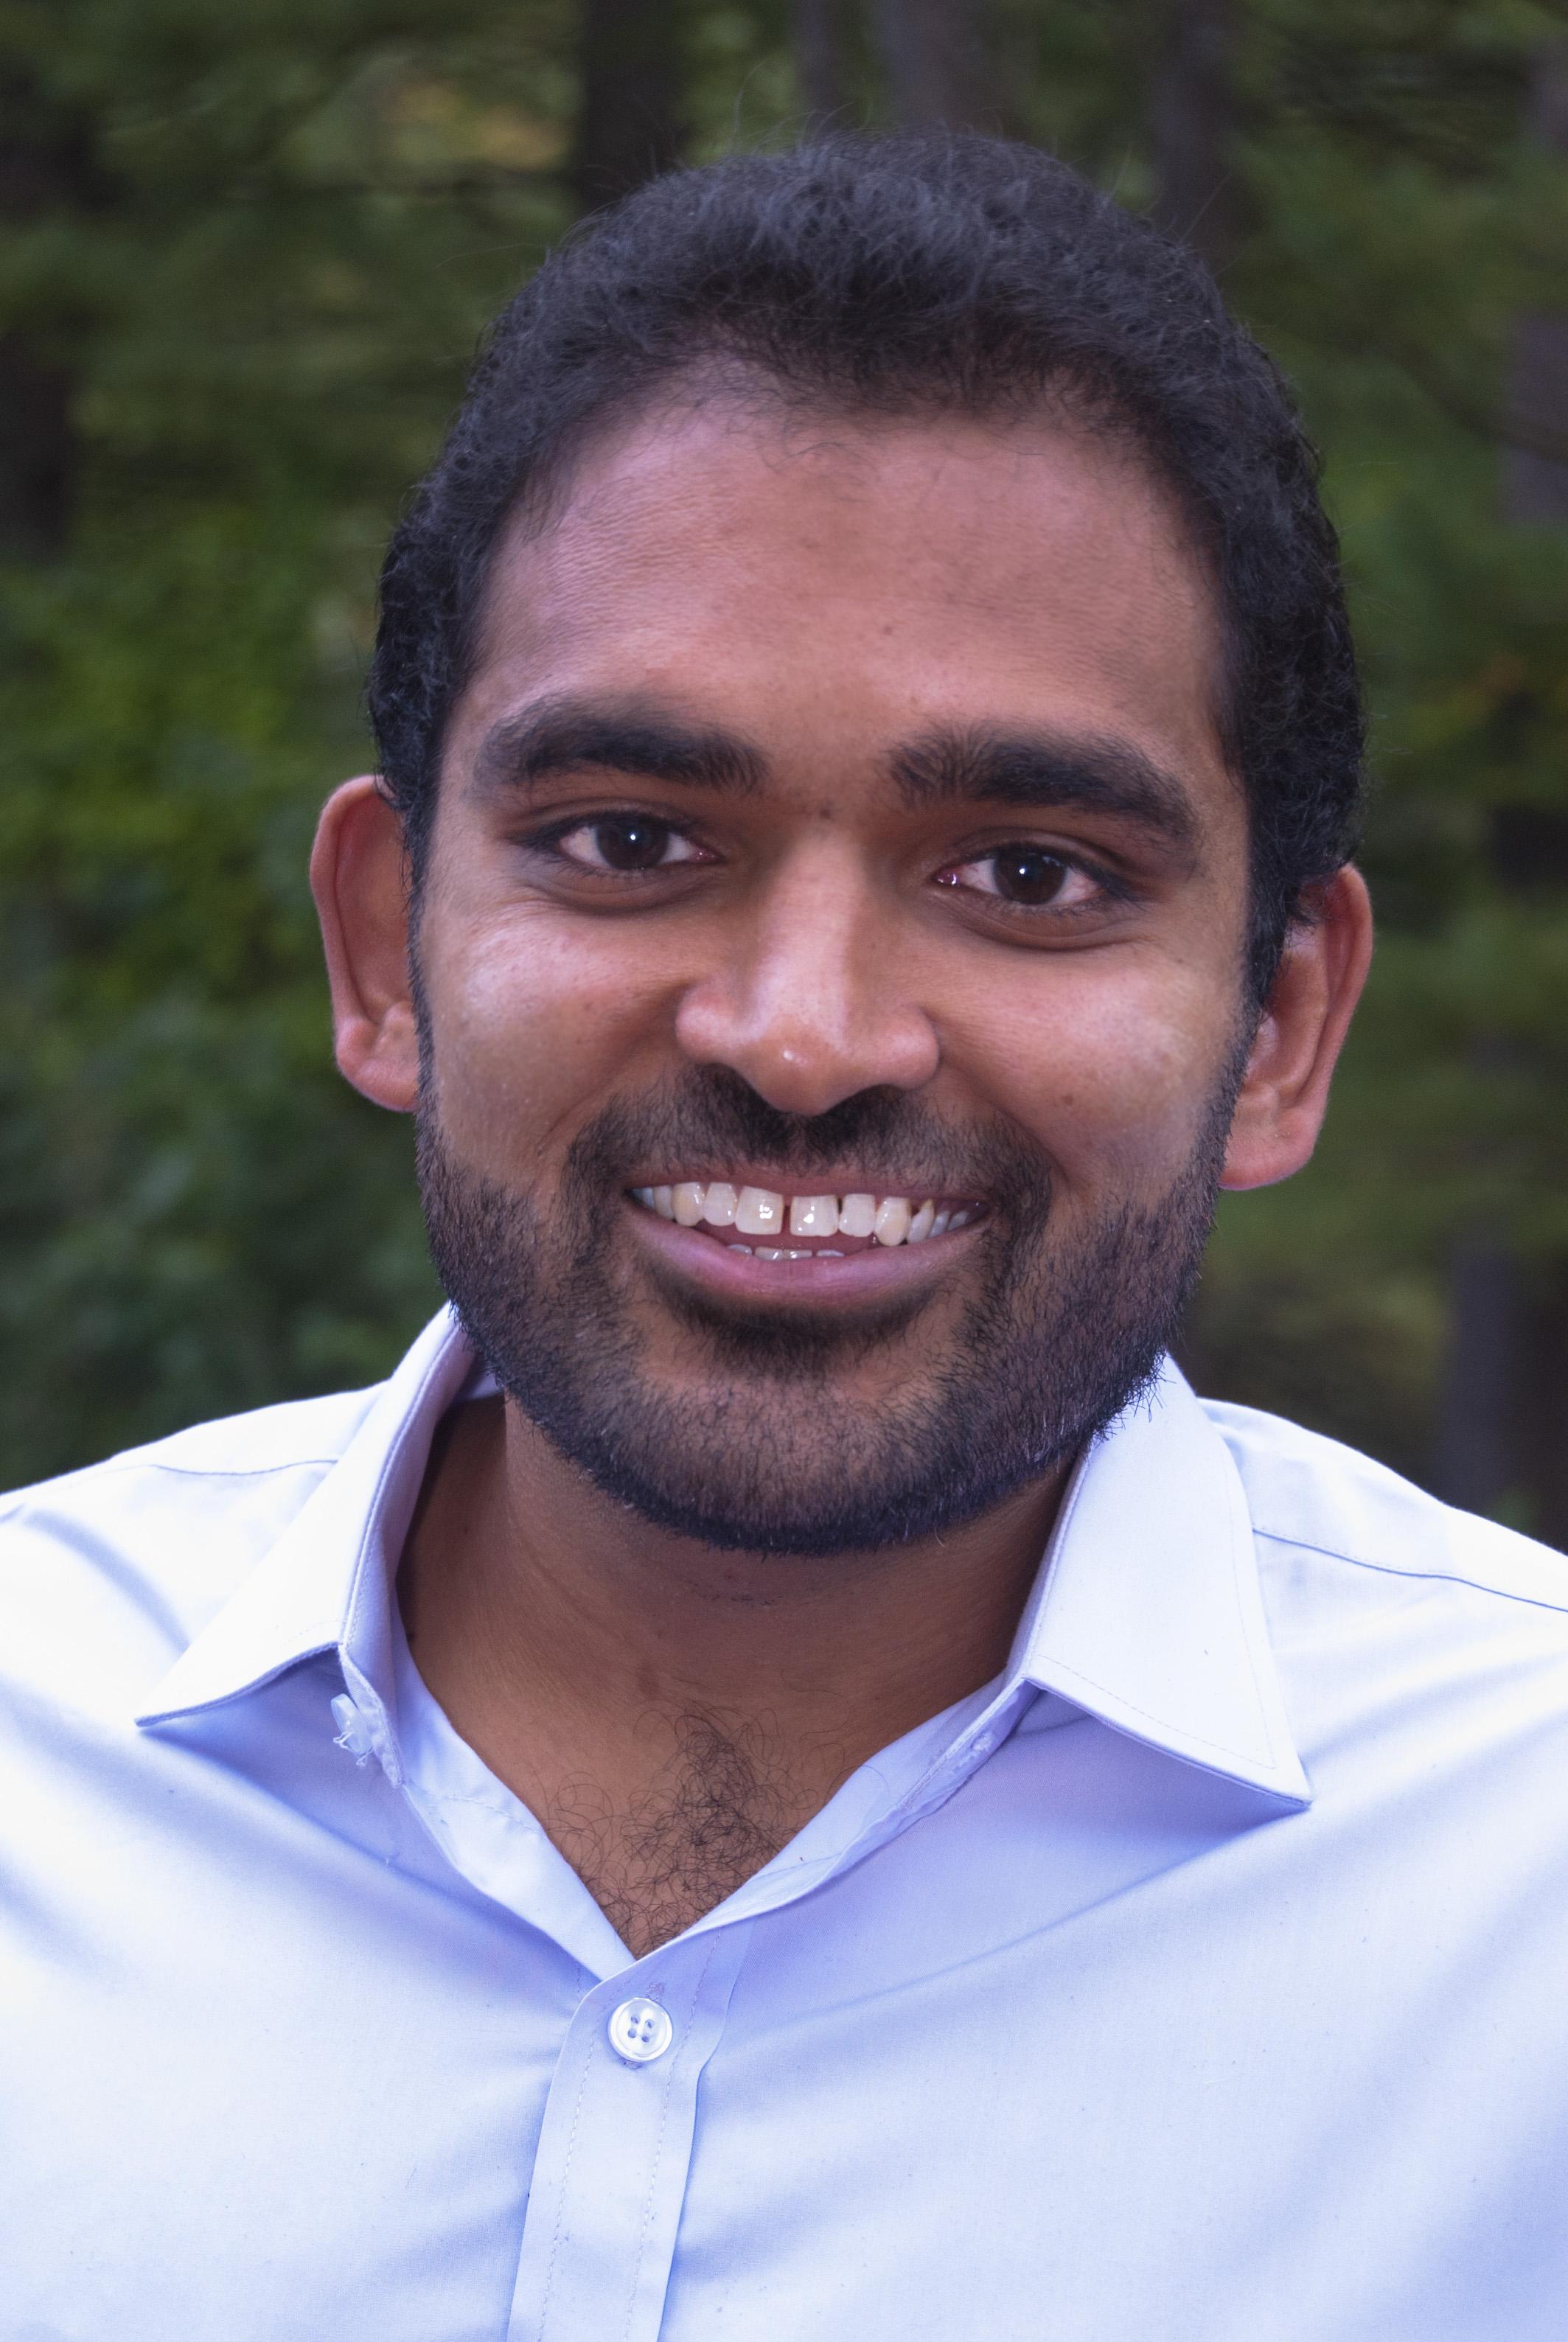 Sunish Oturkar